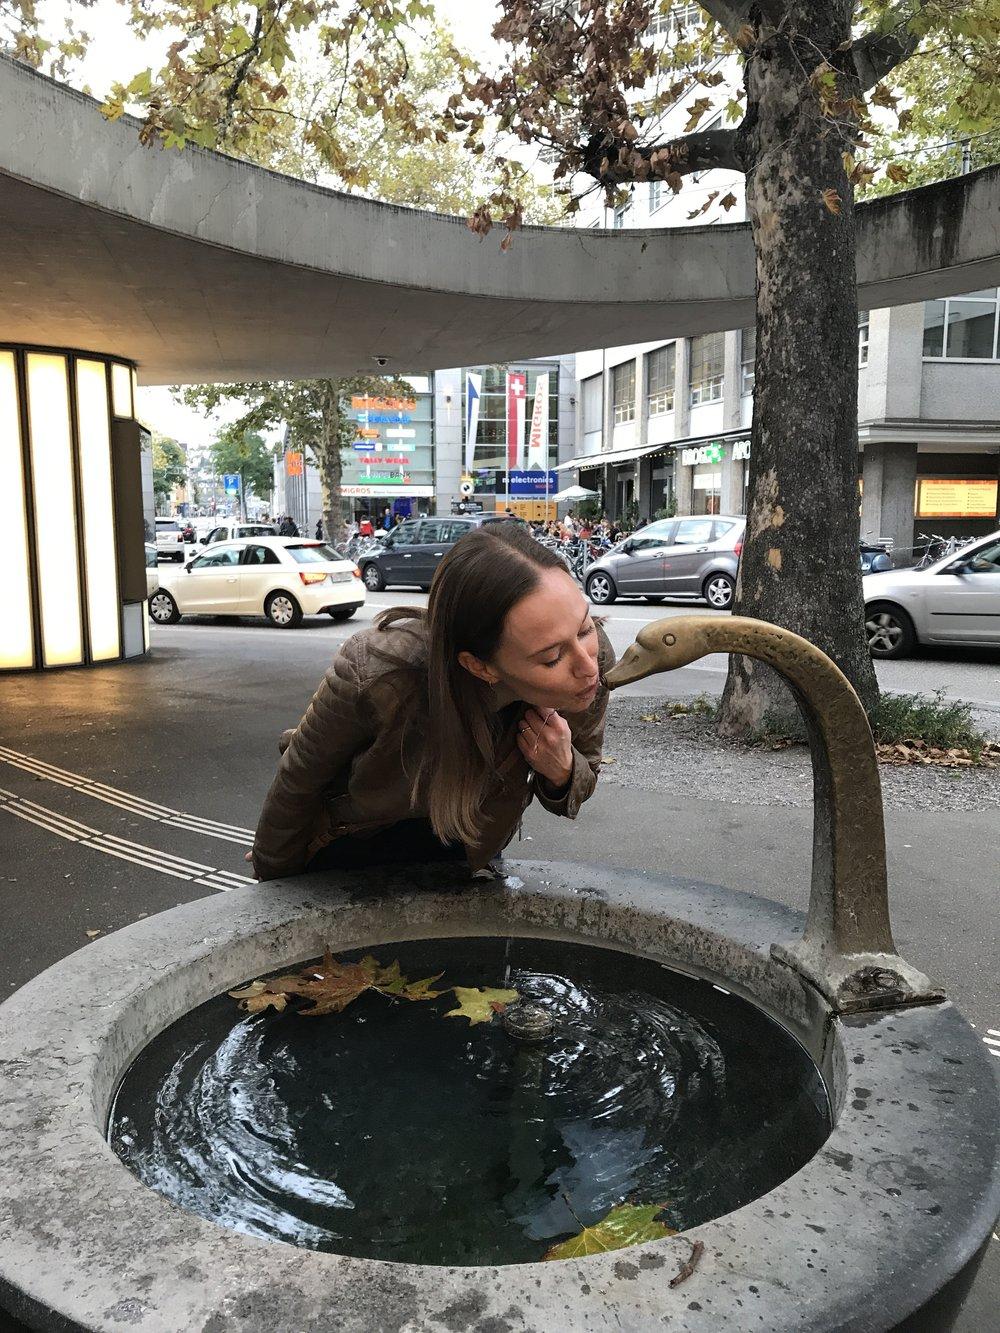 Public water fountain in Zurich